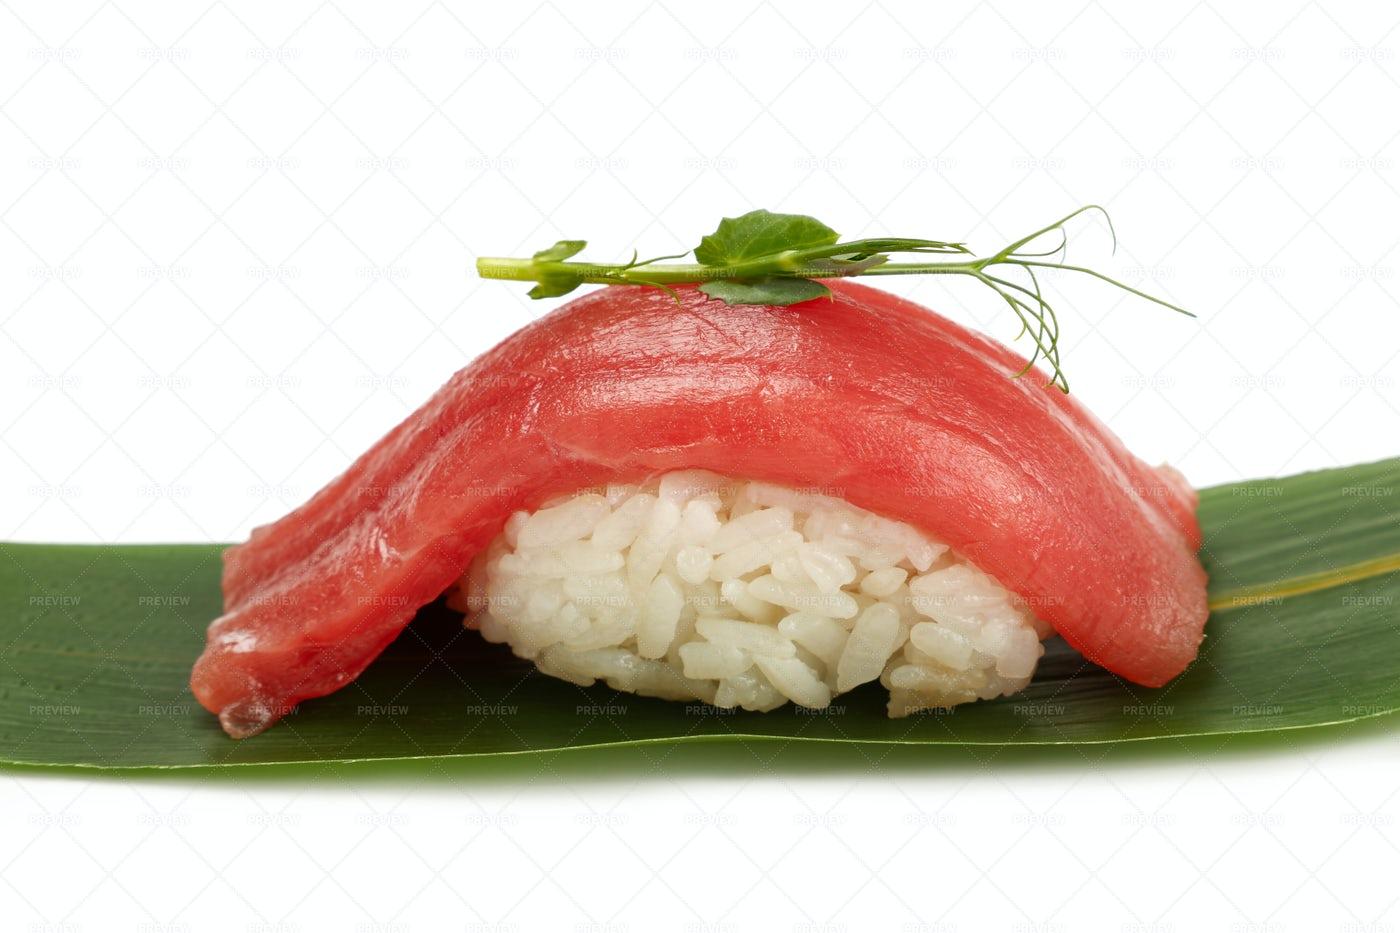 Sushi On Banana Leaf: Stock Photos